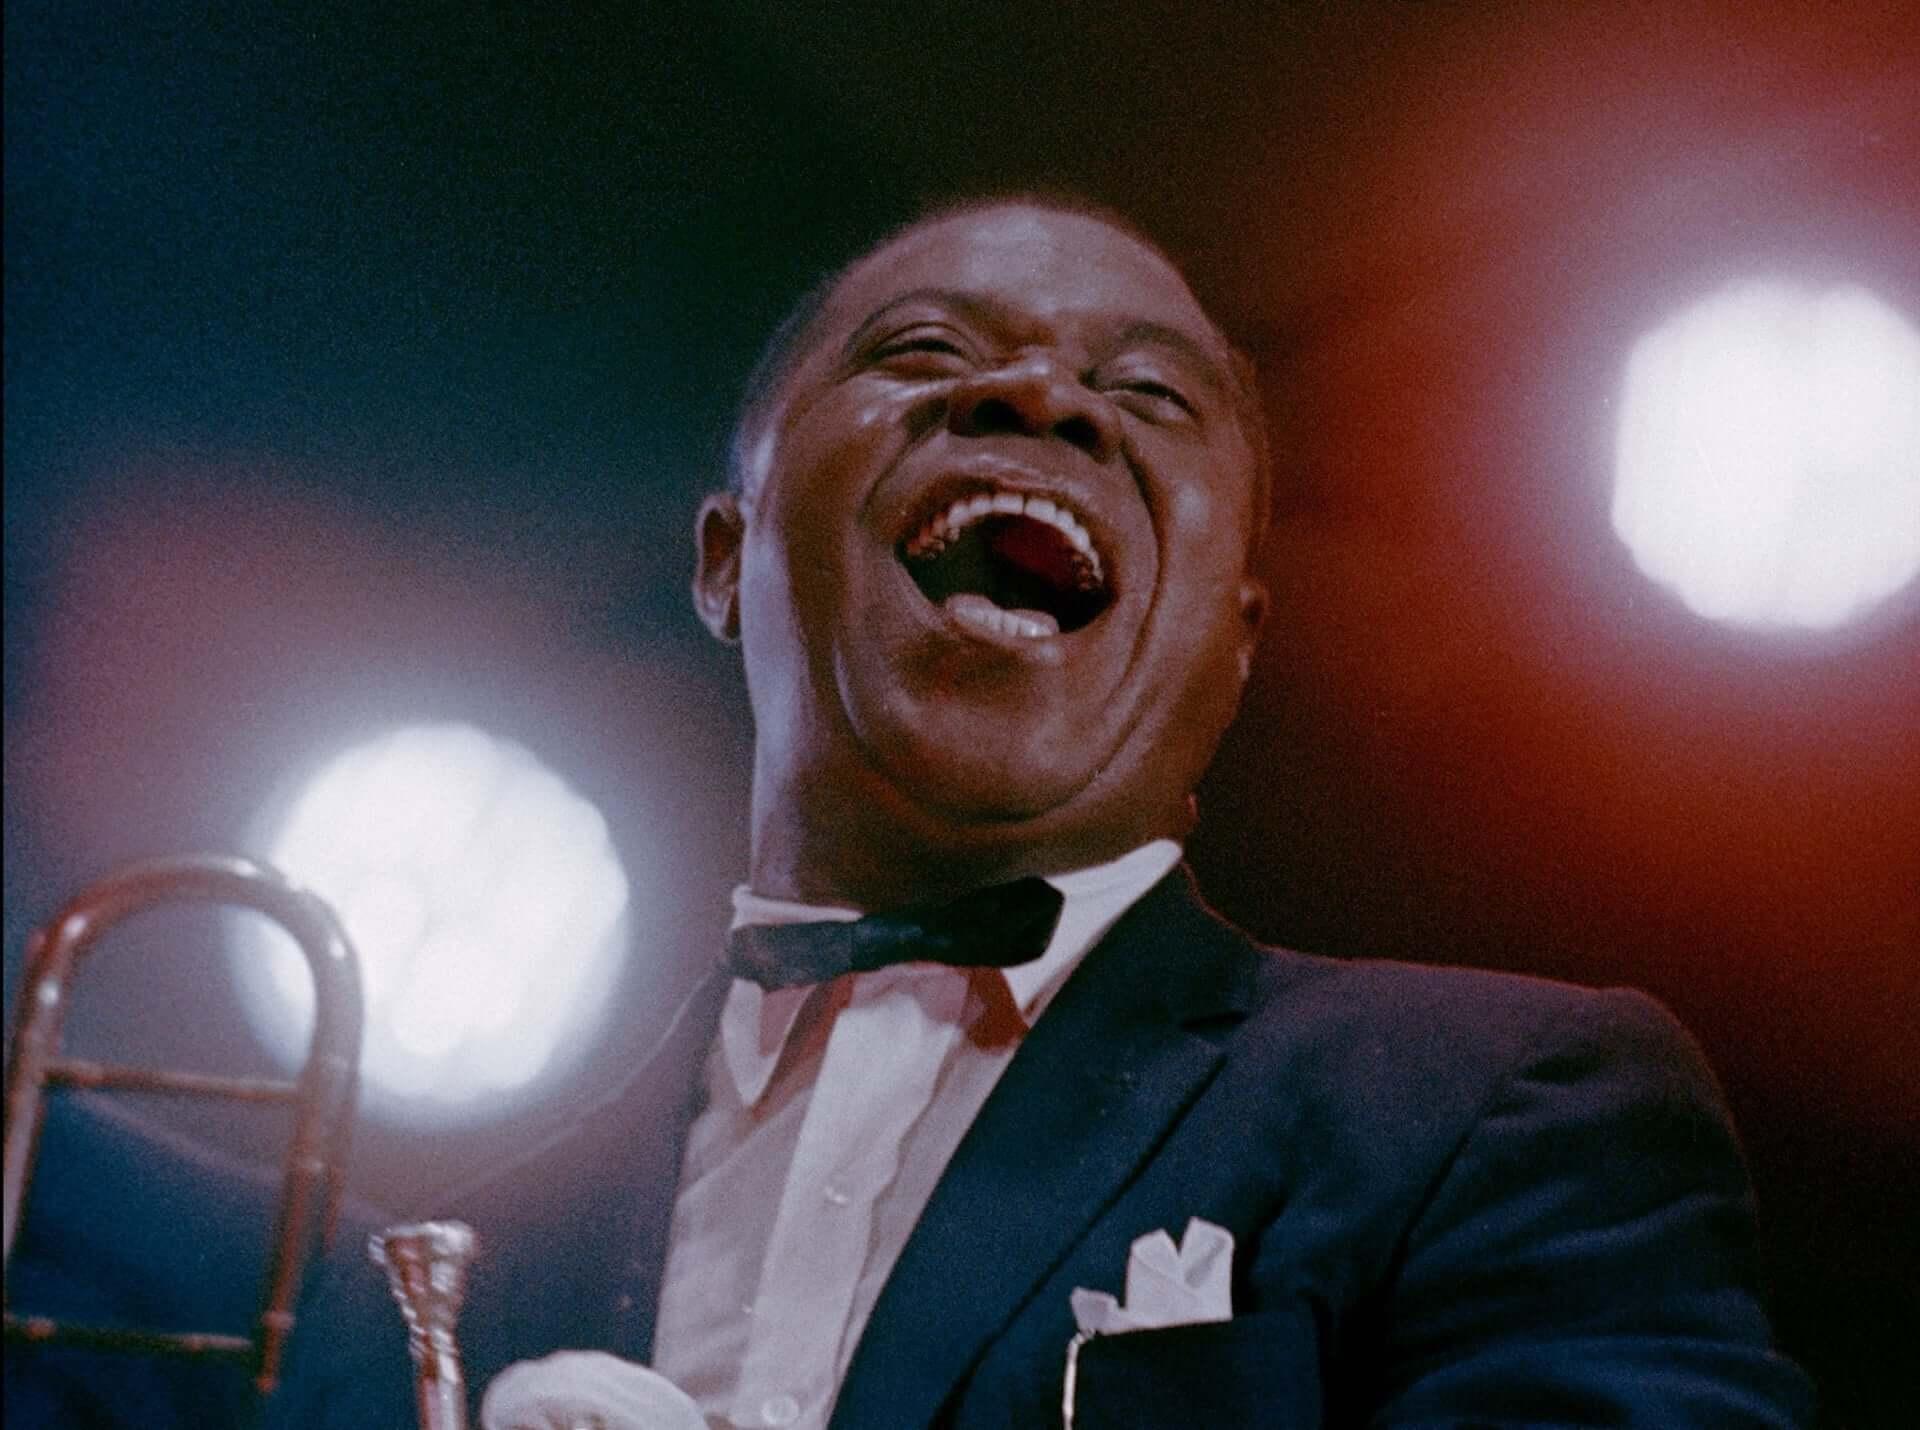 ルイ・アームストロング、チャック・ベリーも登場!米最大級のフェスを追った『真夏の夜のジャズ』4K版の予告編が解禁&セットリストも紹介 film200716_jazz4k_2-1920x1430